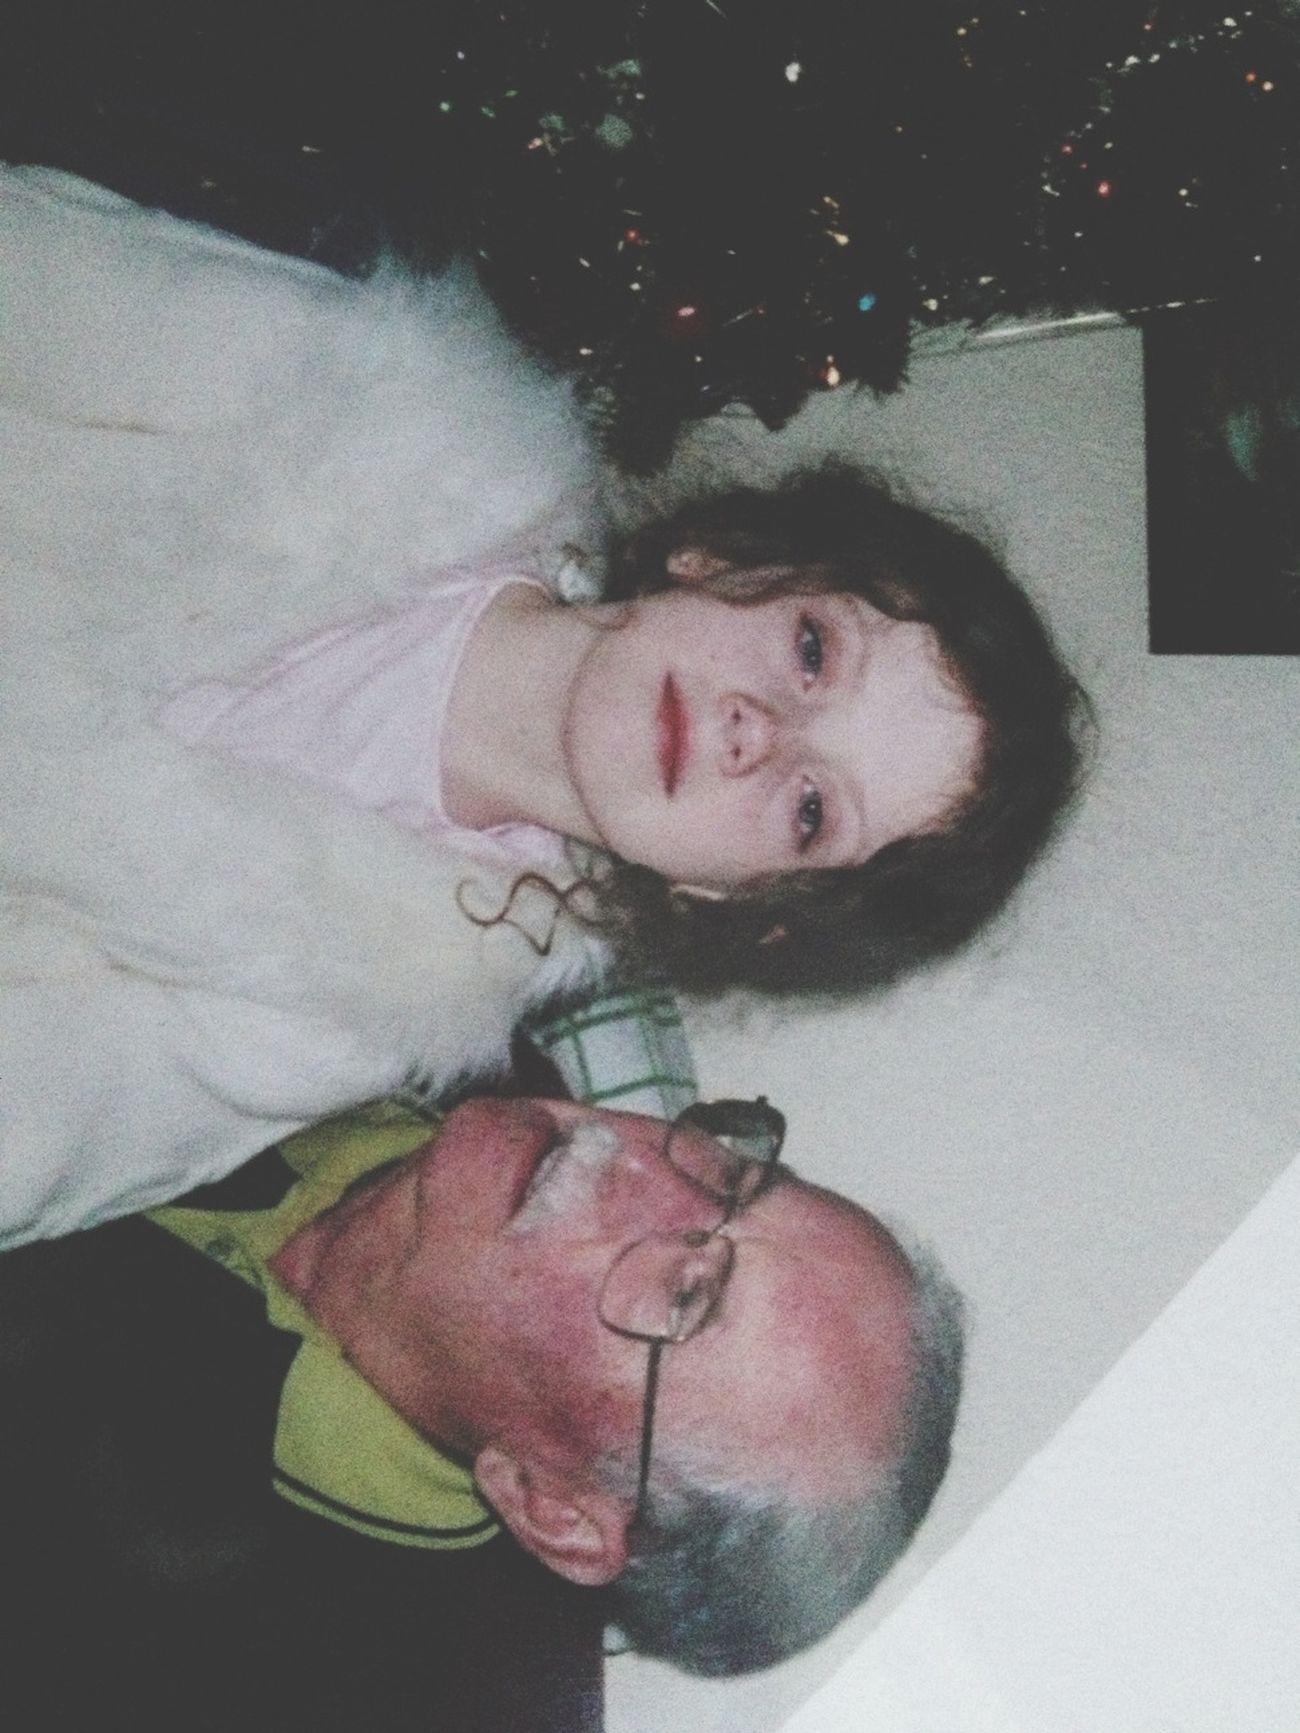 Me And My Granda